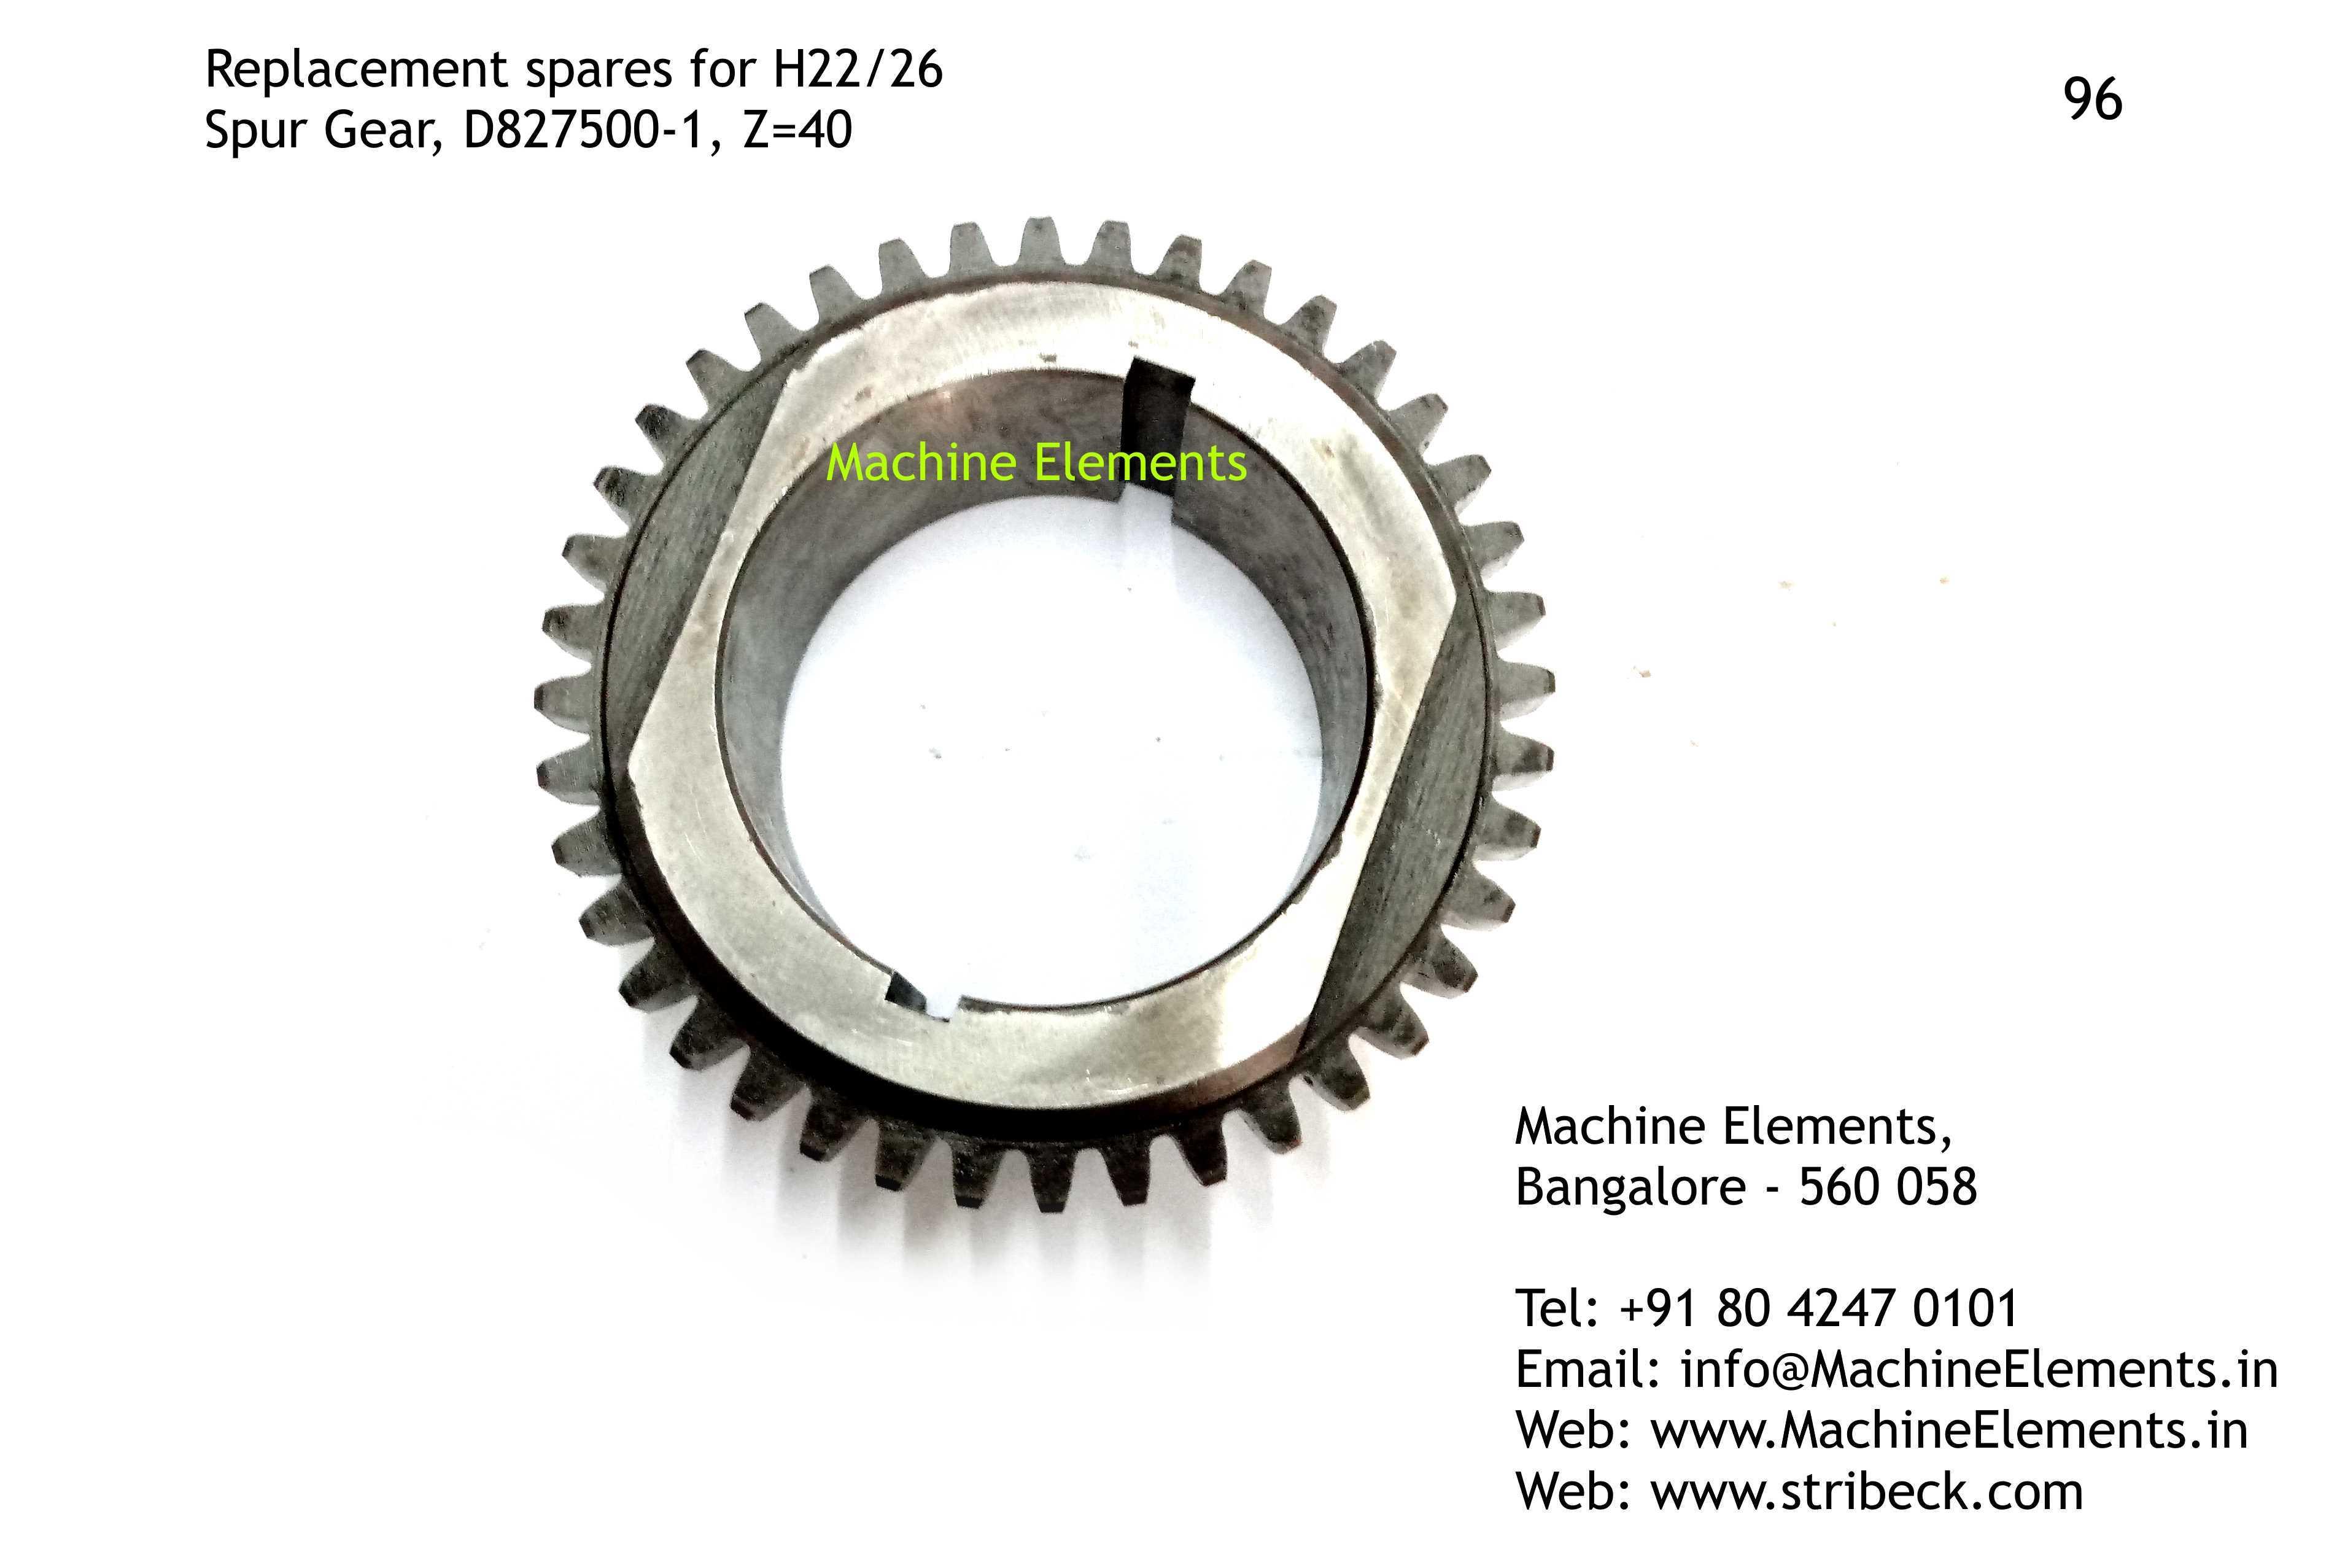 Spur Gear, D827500-1, Z=40